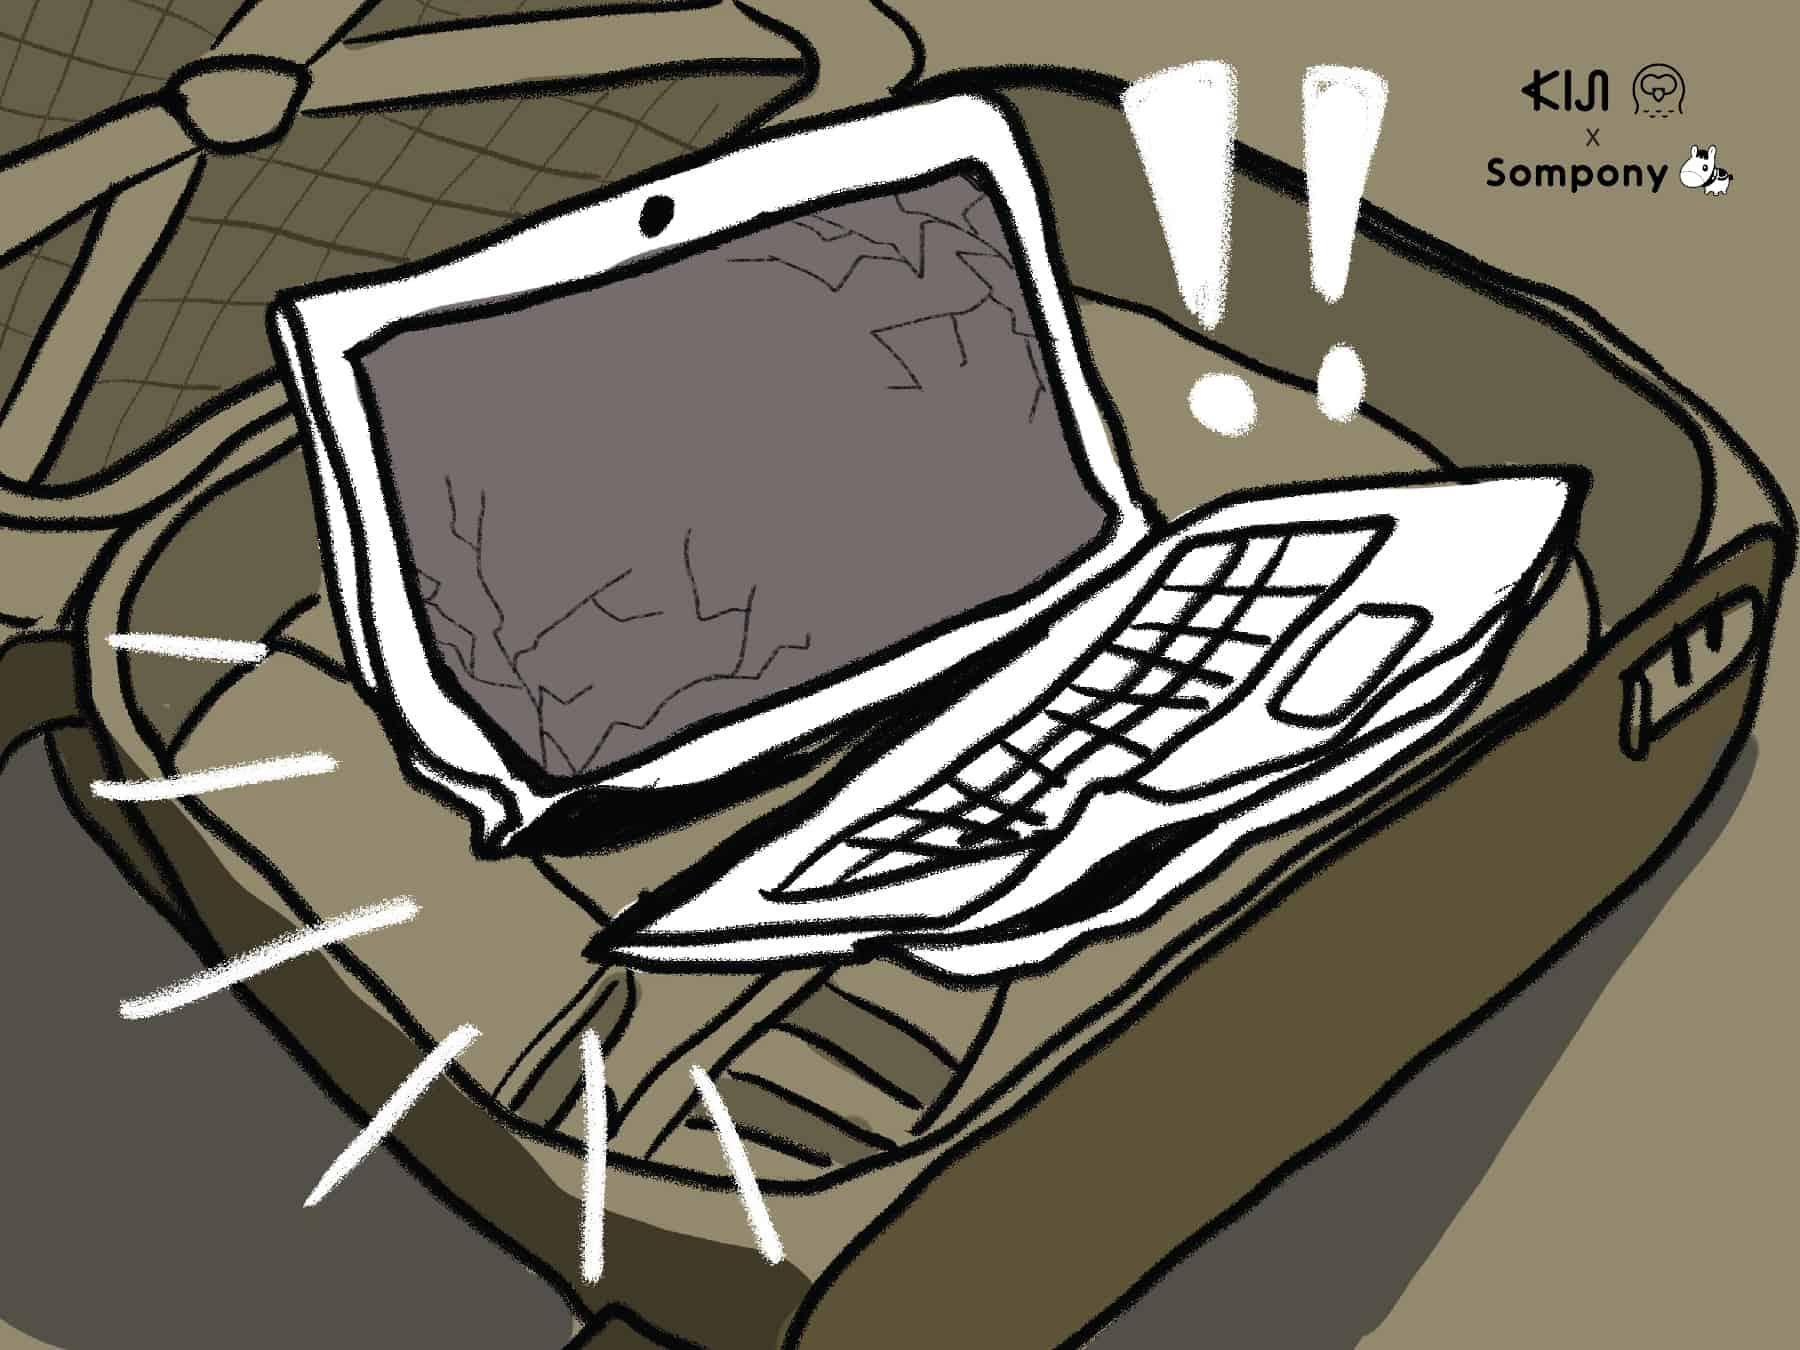 ซมโปะ (Sompo) : คอมพิวเตอร์พัง